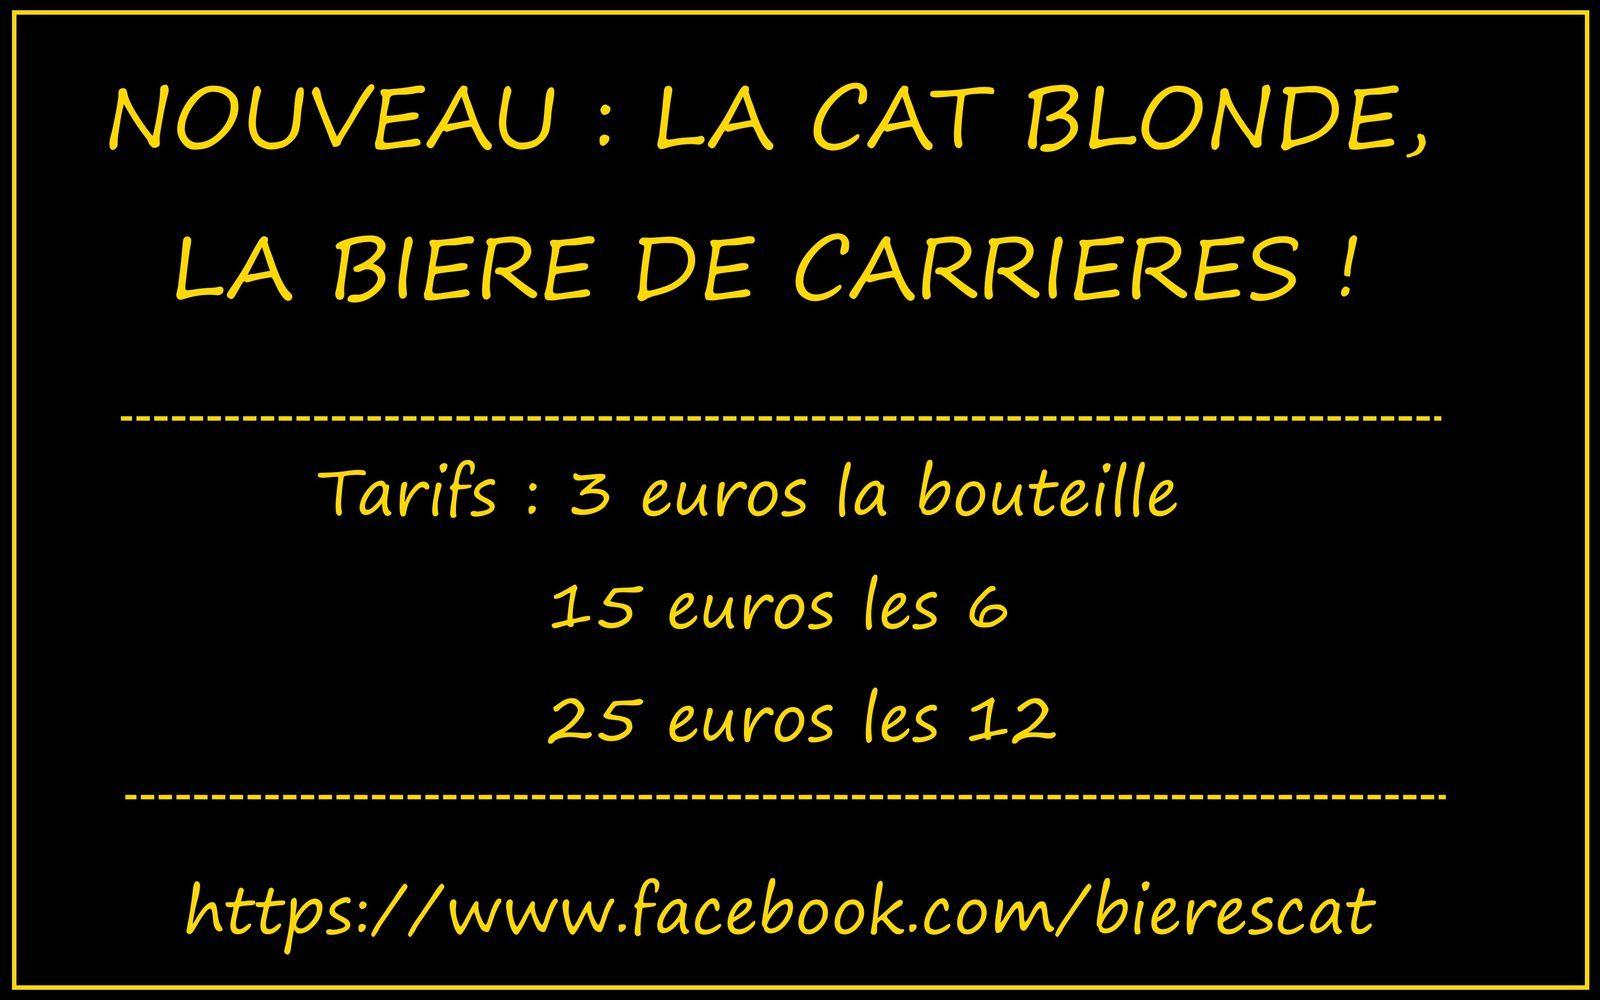 Pour la fête des pères achetez de la &quot&#x3B;Cat&quot&#x3B; sur votre marché à Carrières !